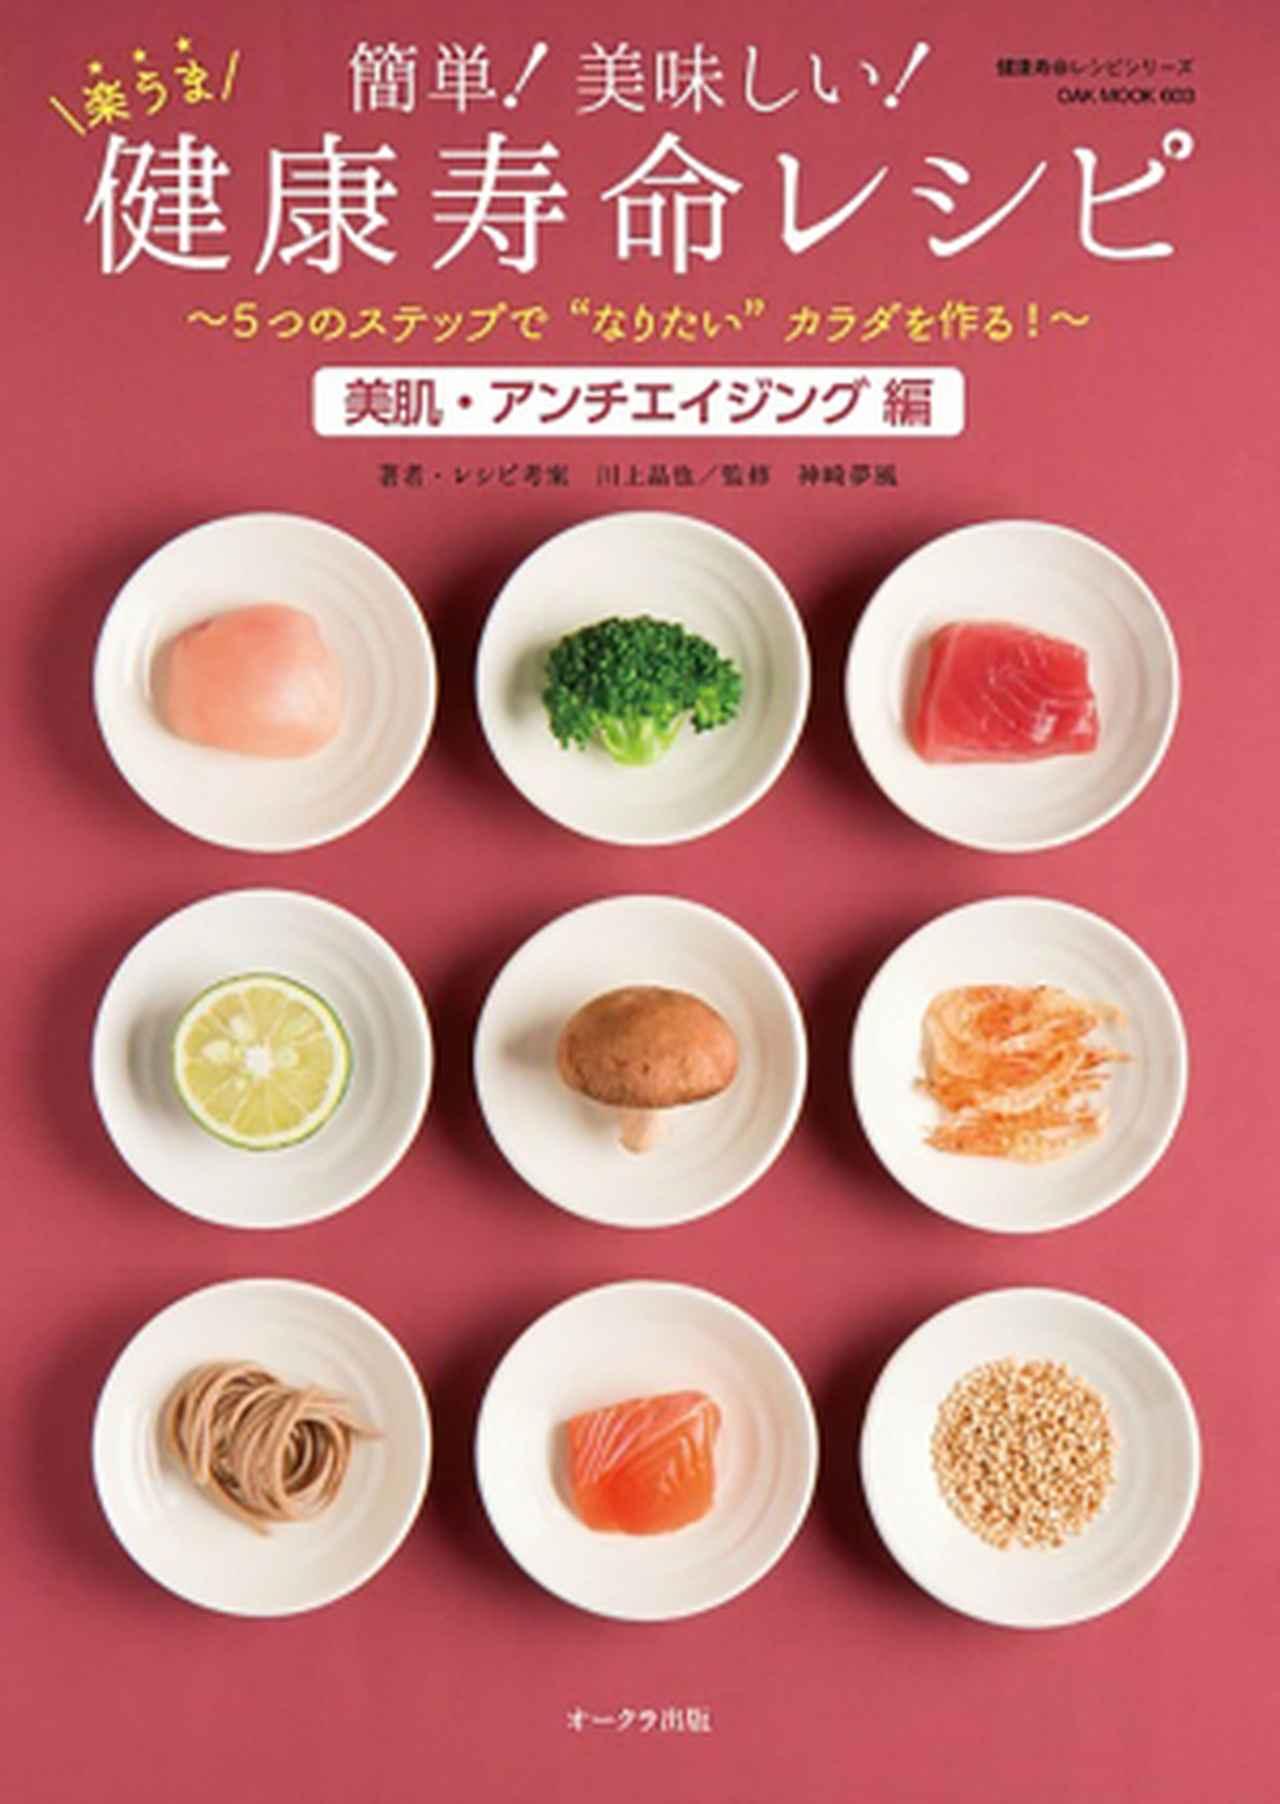 画像2: GOOD MORNING OSAKA晩ご飯トークスペシャル講師:料理研究家「川上晶也」さん